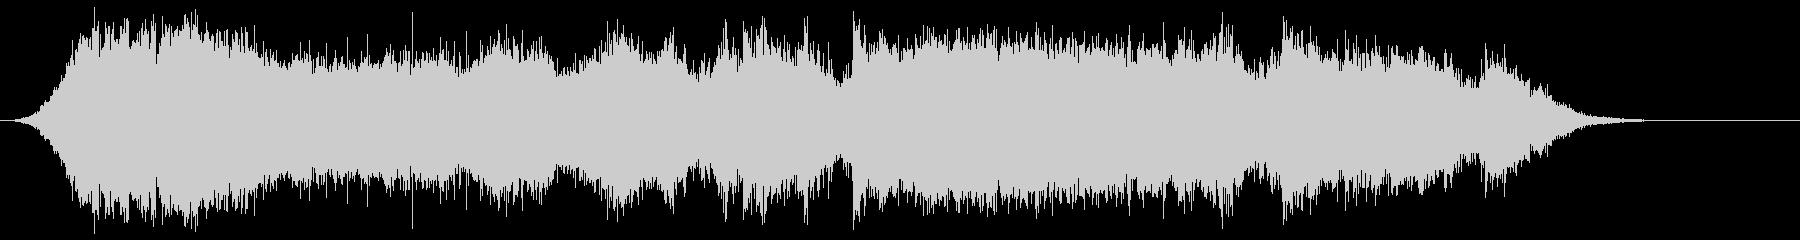 ピカポルテドアの未再生の波形